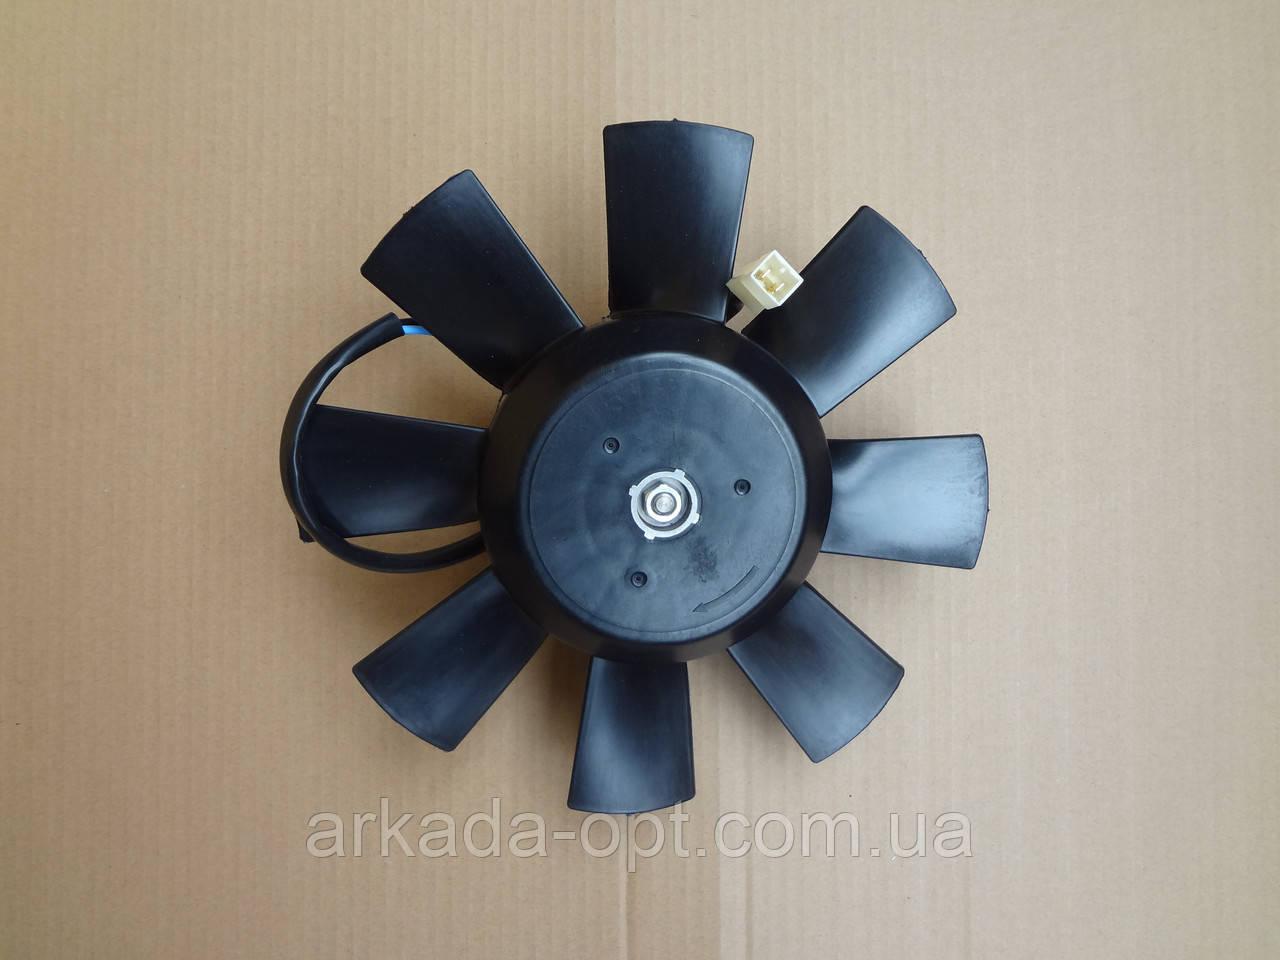 Вентилятор радіатора ВАЗ ГАЗ Сенс ЗАЗ 1102 Таврия 1105 Славута, дв.1,3 на 8 лопатей ДК